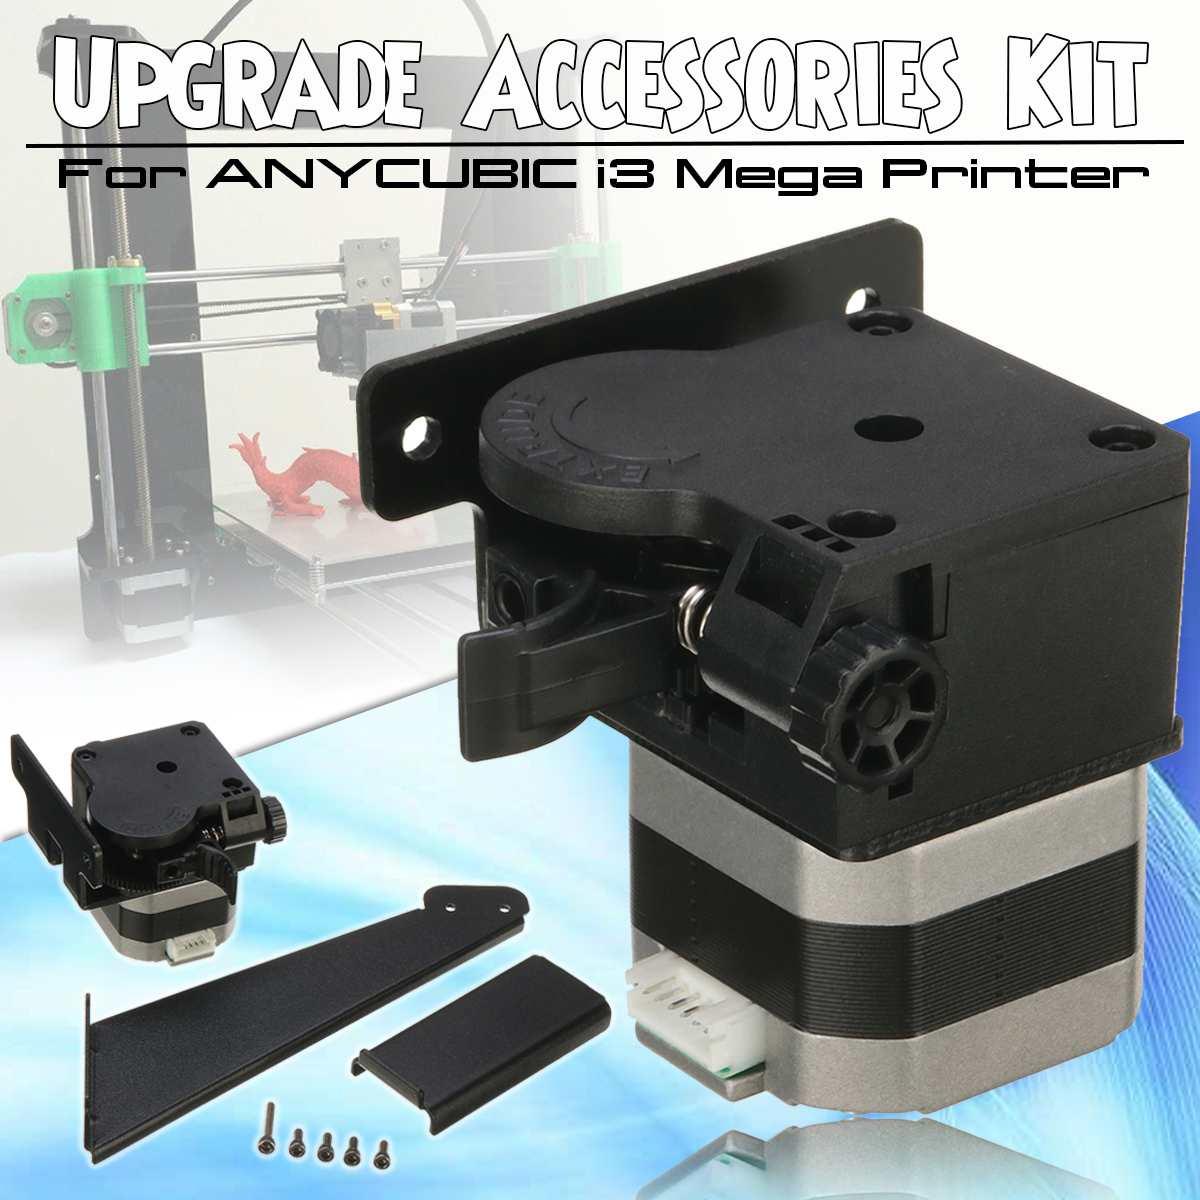 Nouveau Kit d'accessoires de mise à niveau d'imprimante 3D avec support de matériel d'extrudeuse Kit mécanique en métal complet pour ANYCUBIC I3 Mega